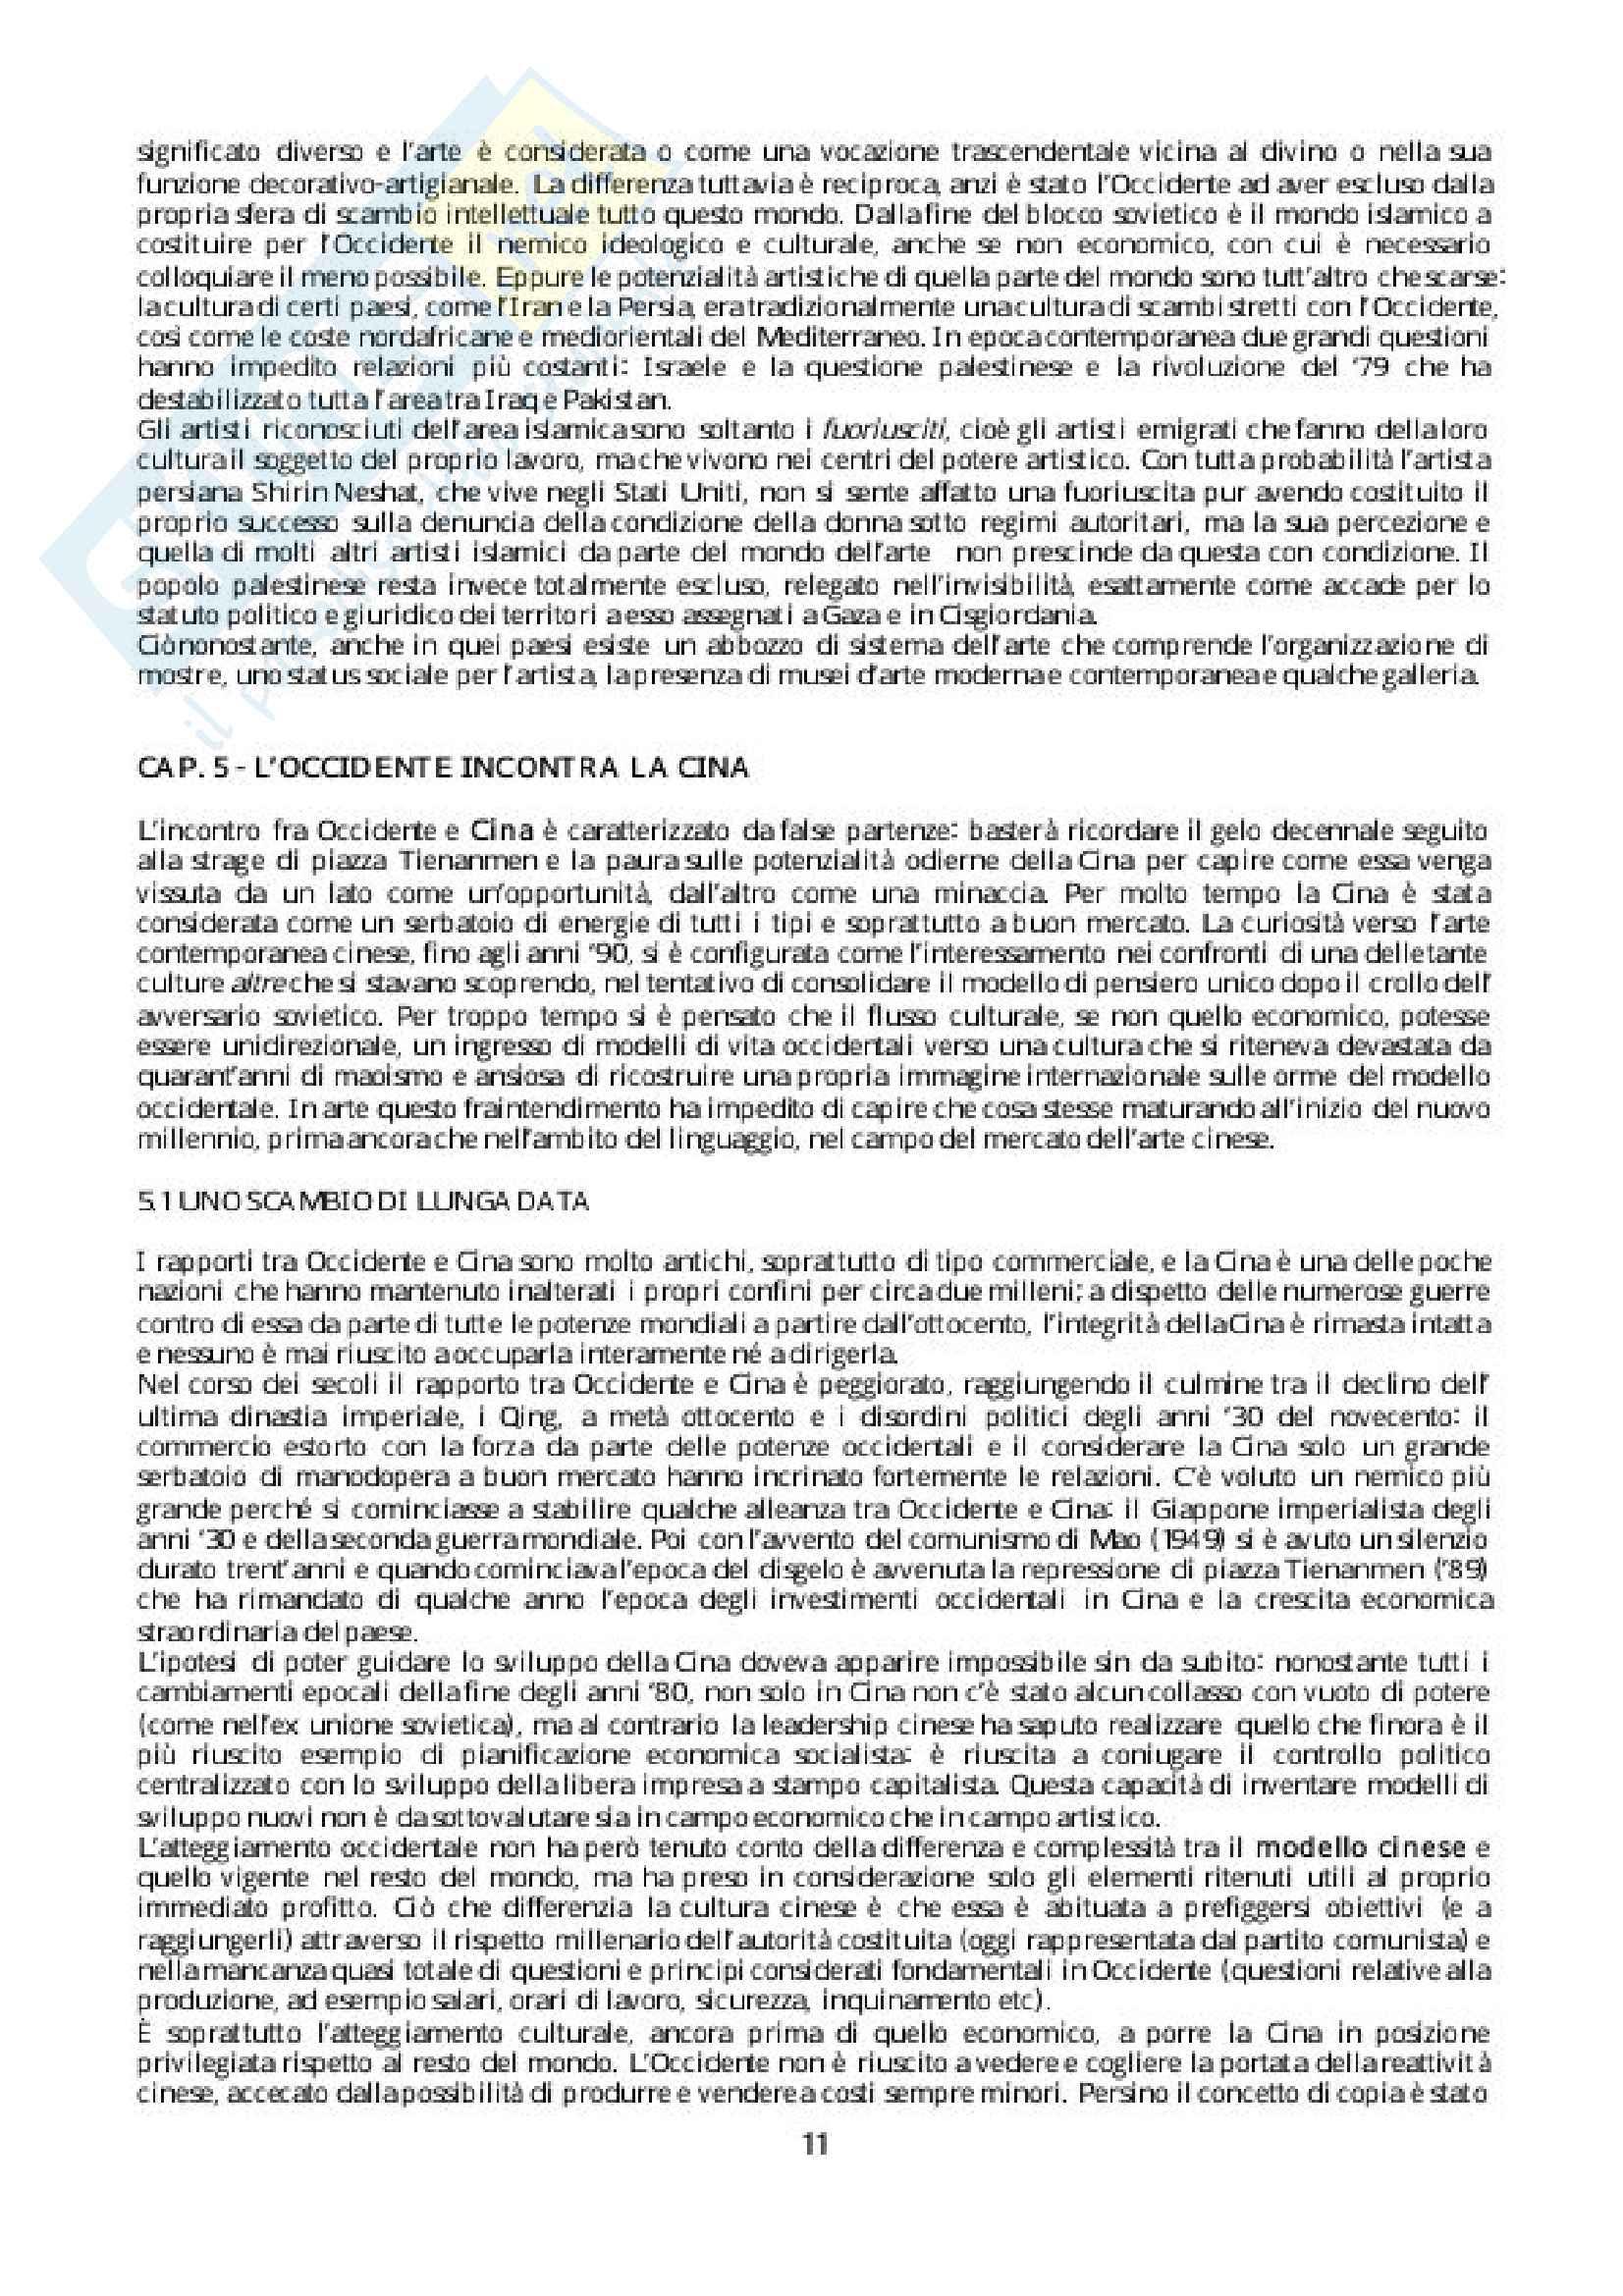 Riassunto esame Storia della critica, Docente Evangelisti. Libro consigliato Breve storia della globalizzazione in arte, Autore: Meneguzzo Pag. 11